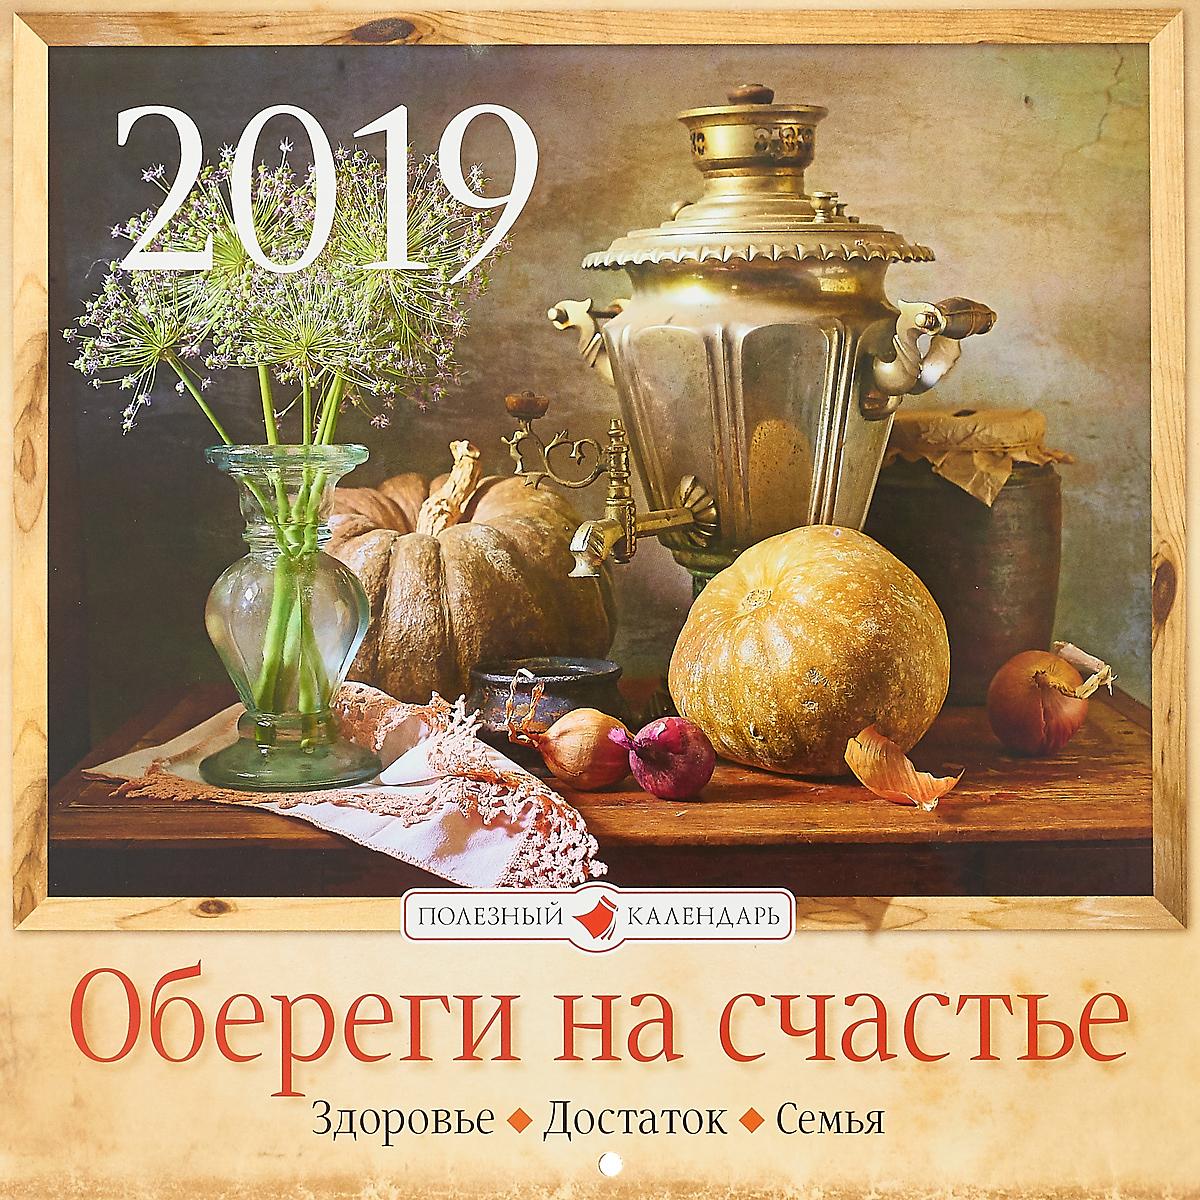 Календарь перекидной на 2019 год. Обереги на счастье. Здоровье. Достаток. Семья календарь перекидной на 2019 год кошачье счастье